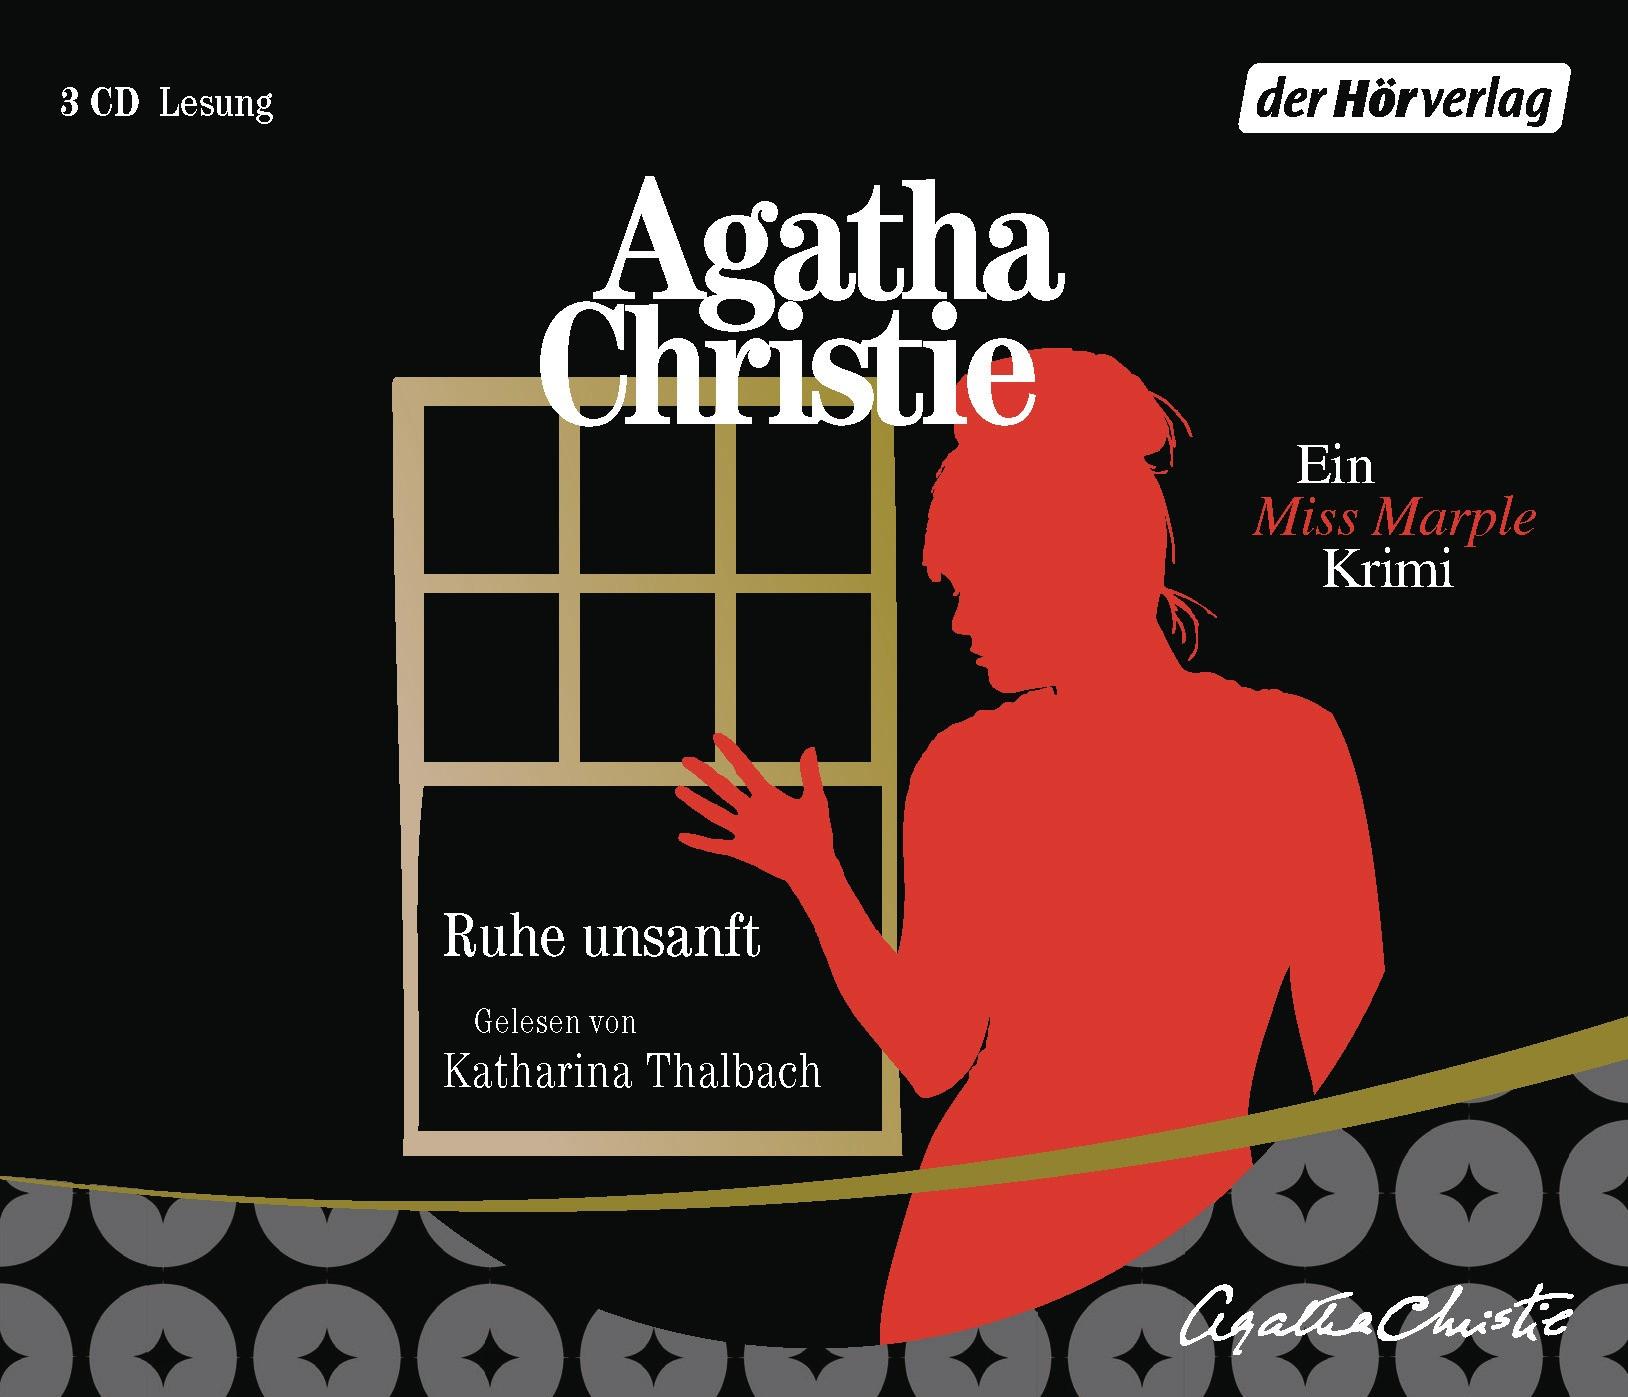 Agatha Christie - Ruhe unsanft - Ein Miss Marple Krimi